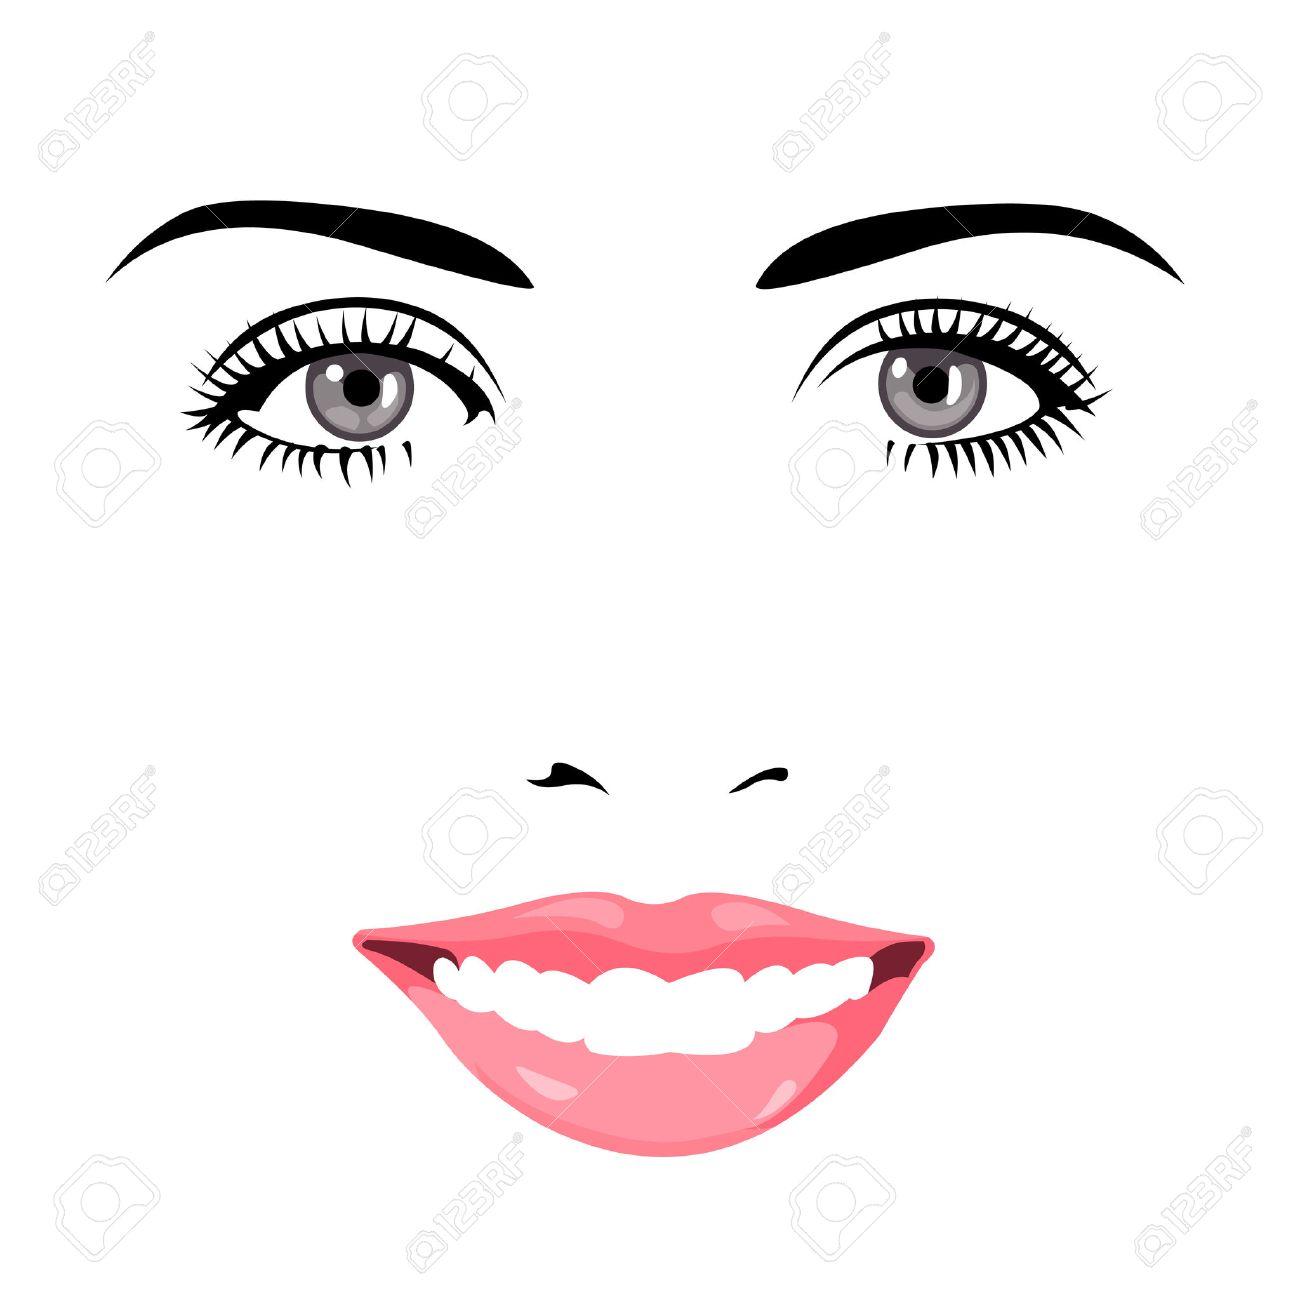 カメラに笑顔青い綺麗な目女性顔の簡単な編集可能な階層型ベクトル